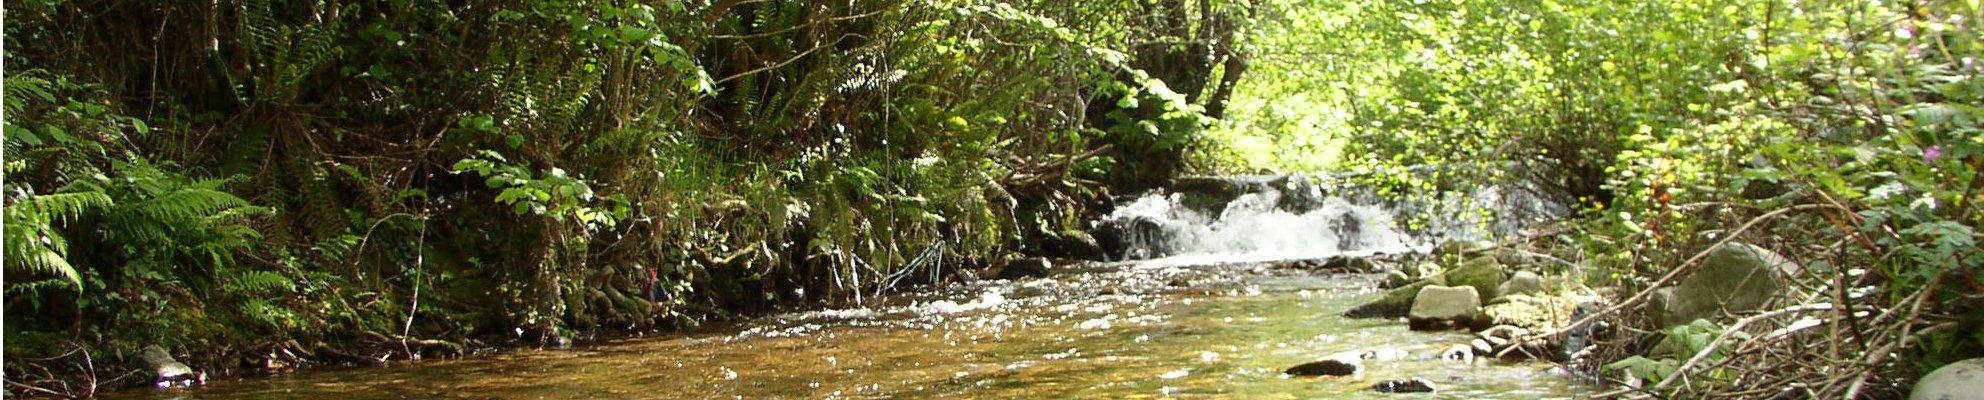 Río Yerbo en Tineo